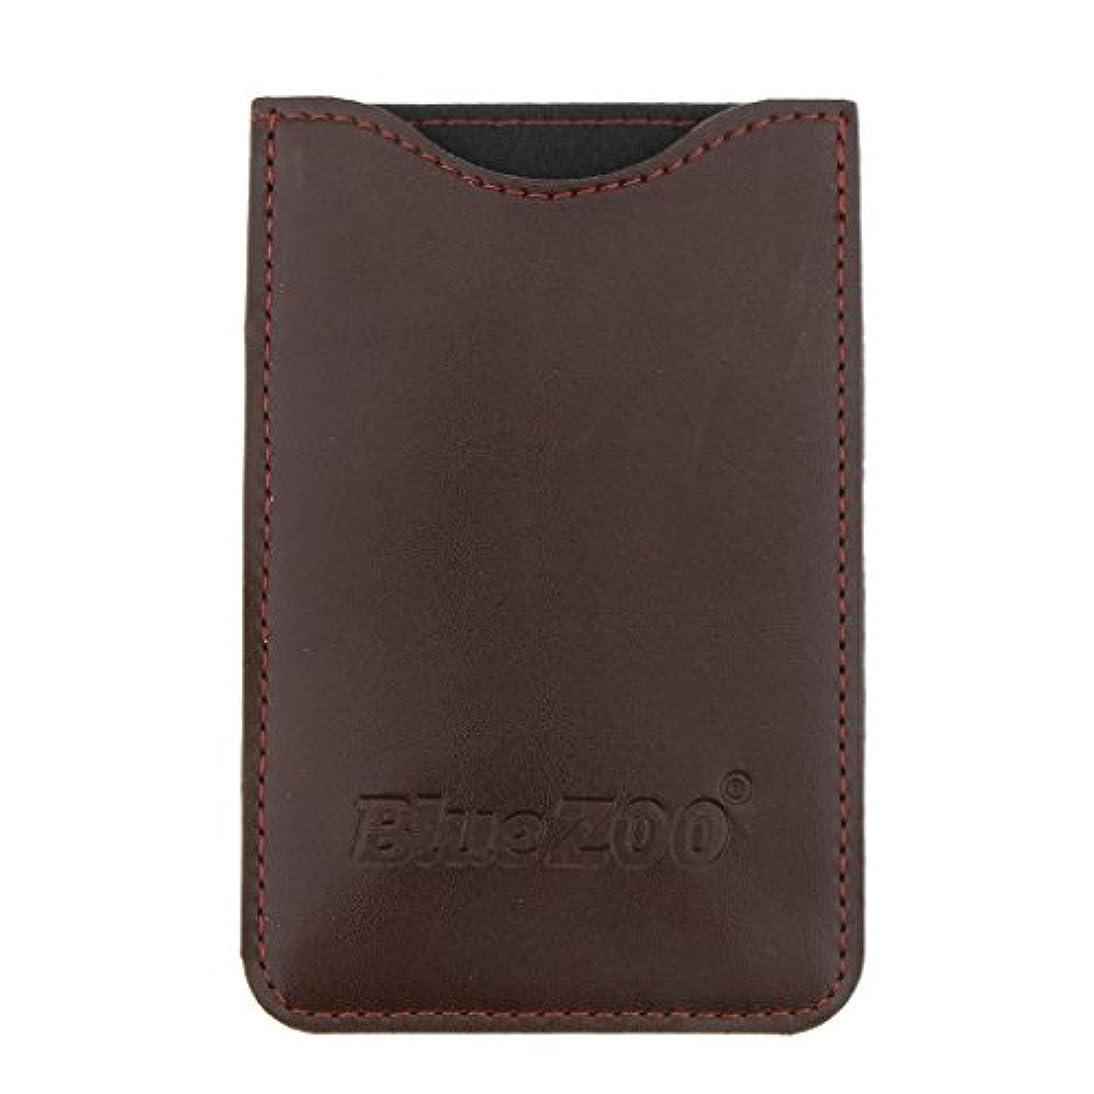 否認する登録する十年コームバッグ 収納ケース 収納パック 保護カバー PUレザー 櫛/ヘアブラシ/名刺/IDカード/銀行カード バッグ オーガナイザー 全2色 - 褐色